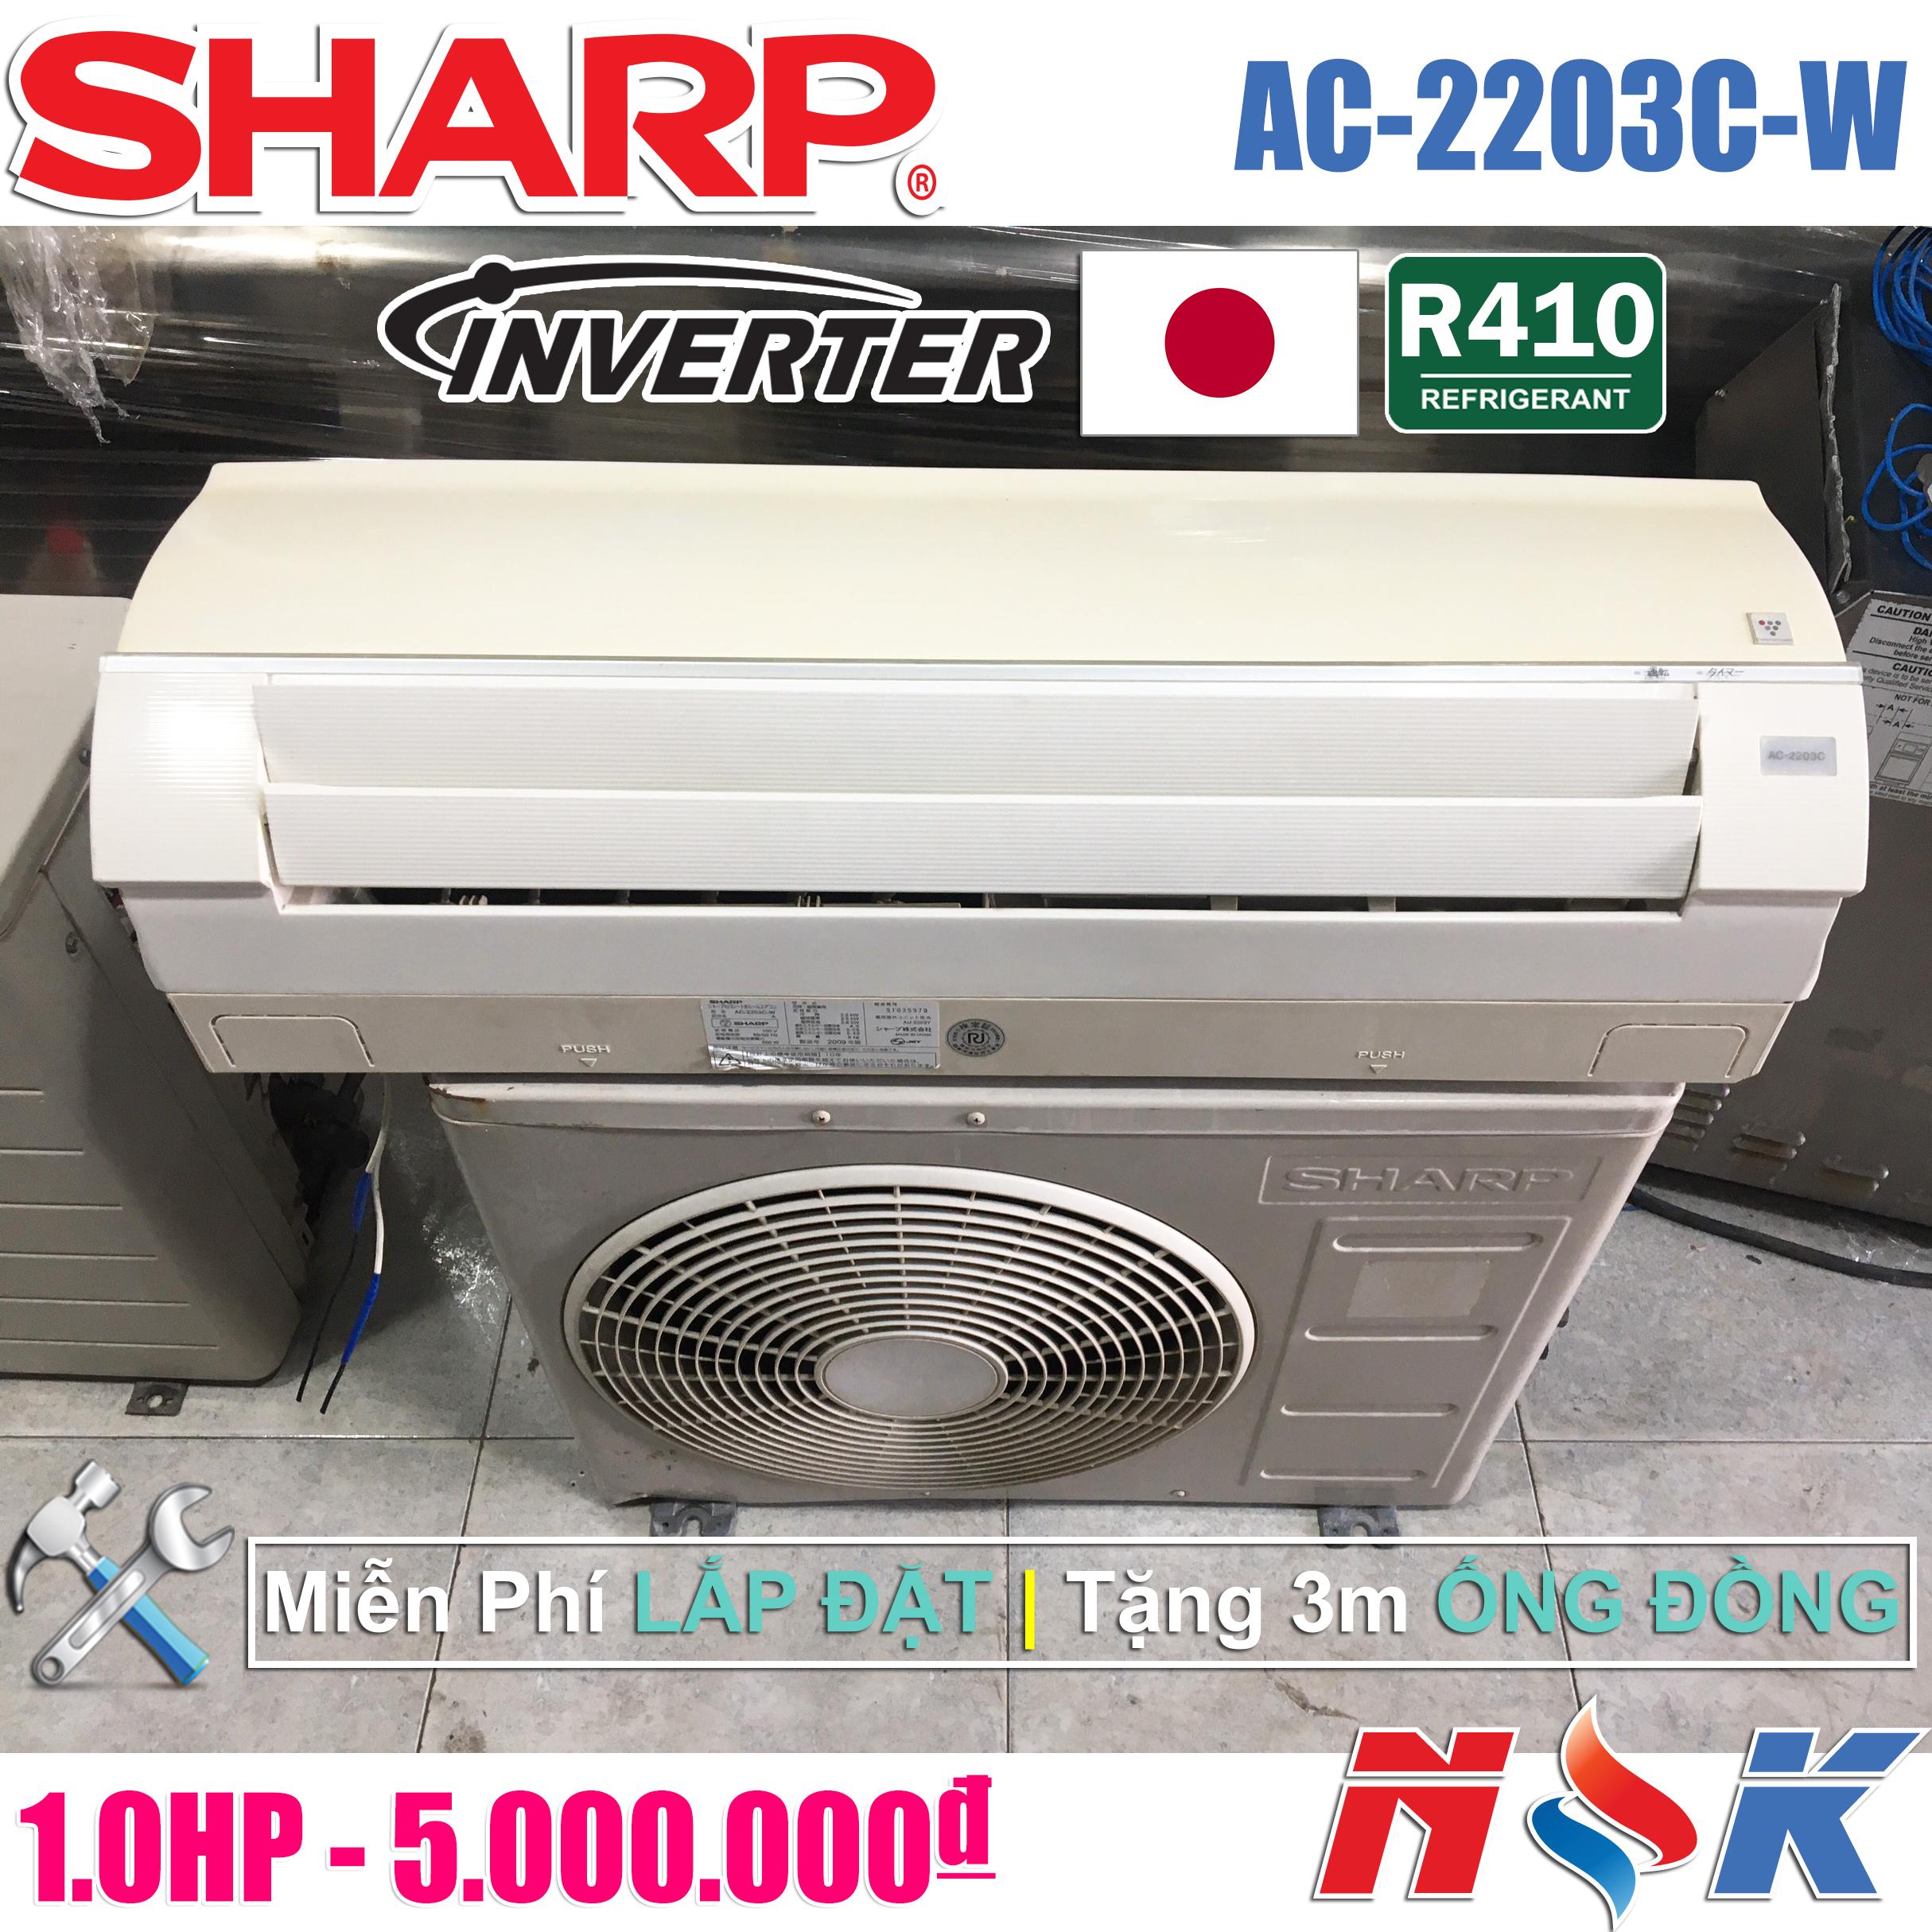 Máy lạnh Sharp Inverter AC-2203C-W1HP